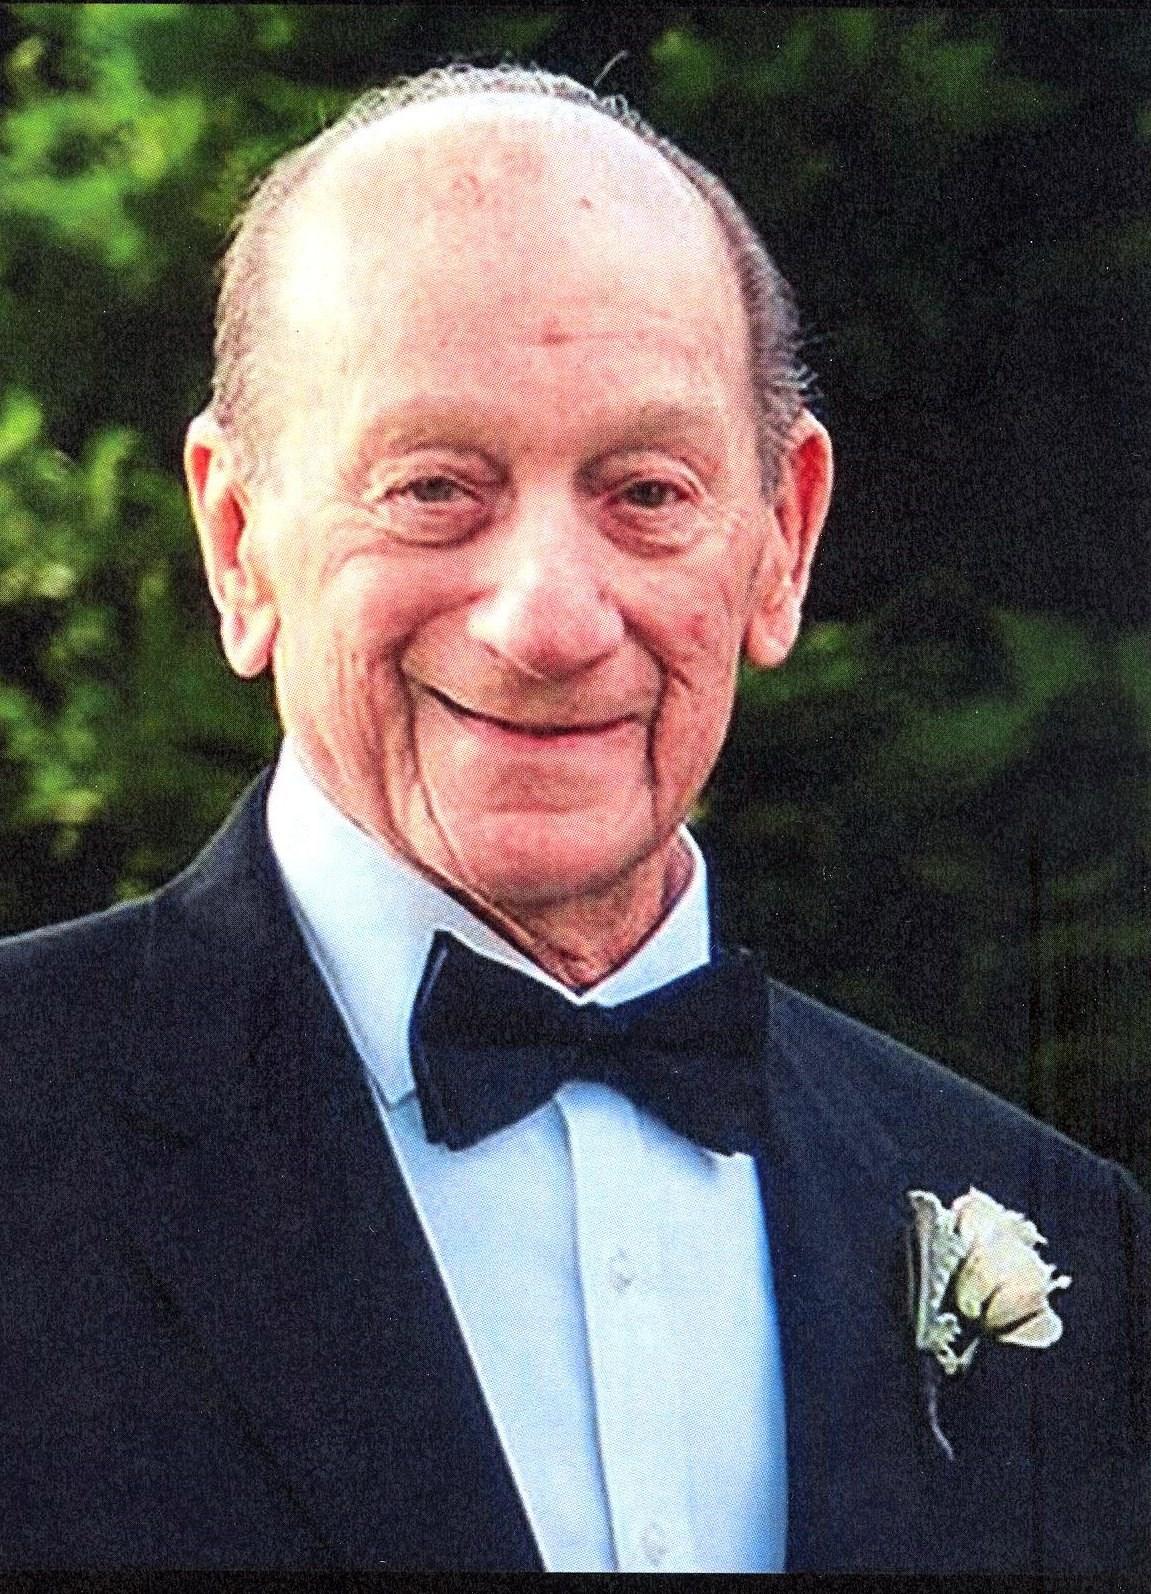 Benjamin J. Fabiochi